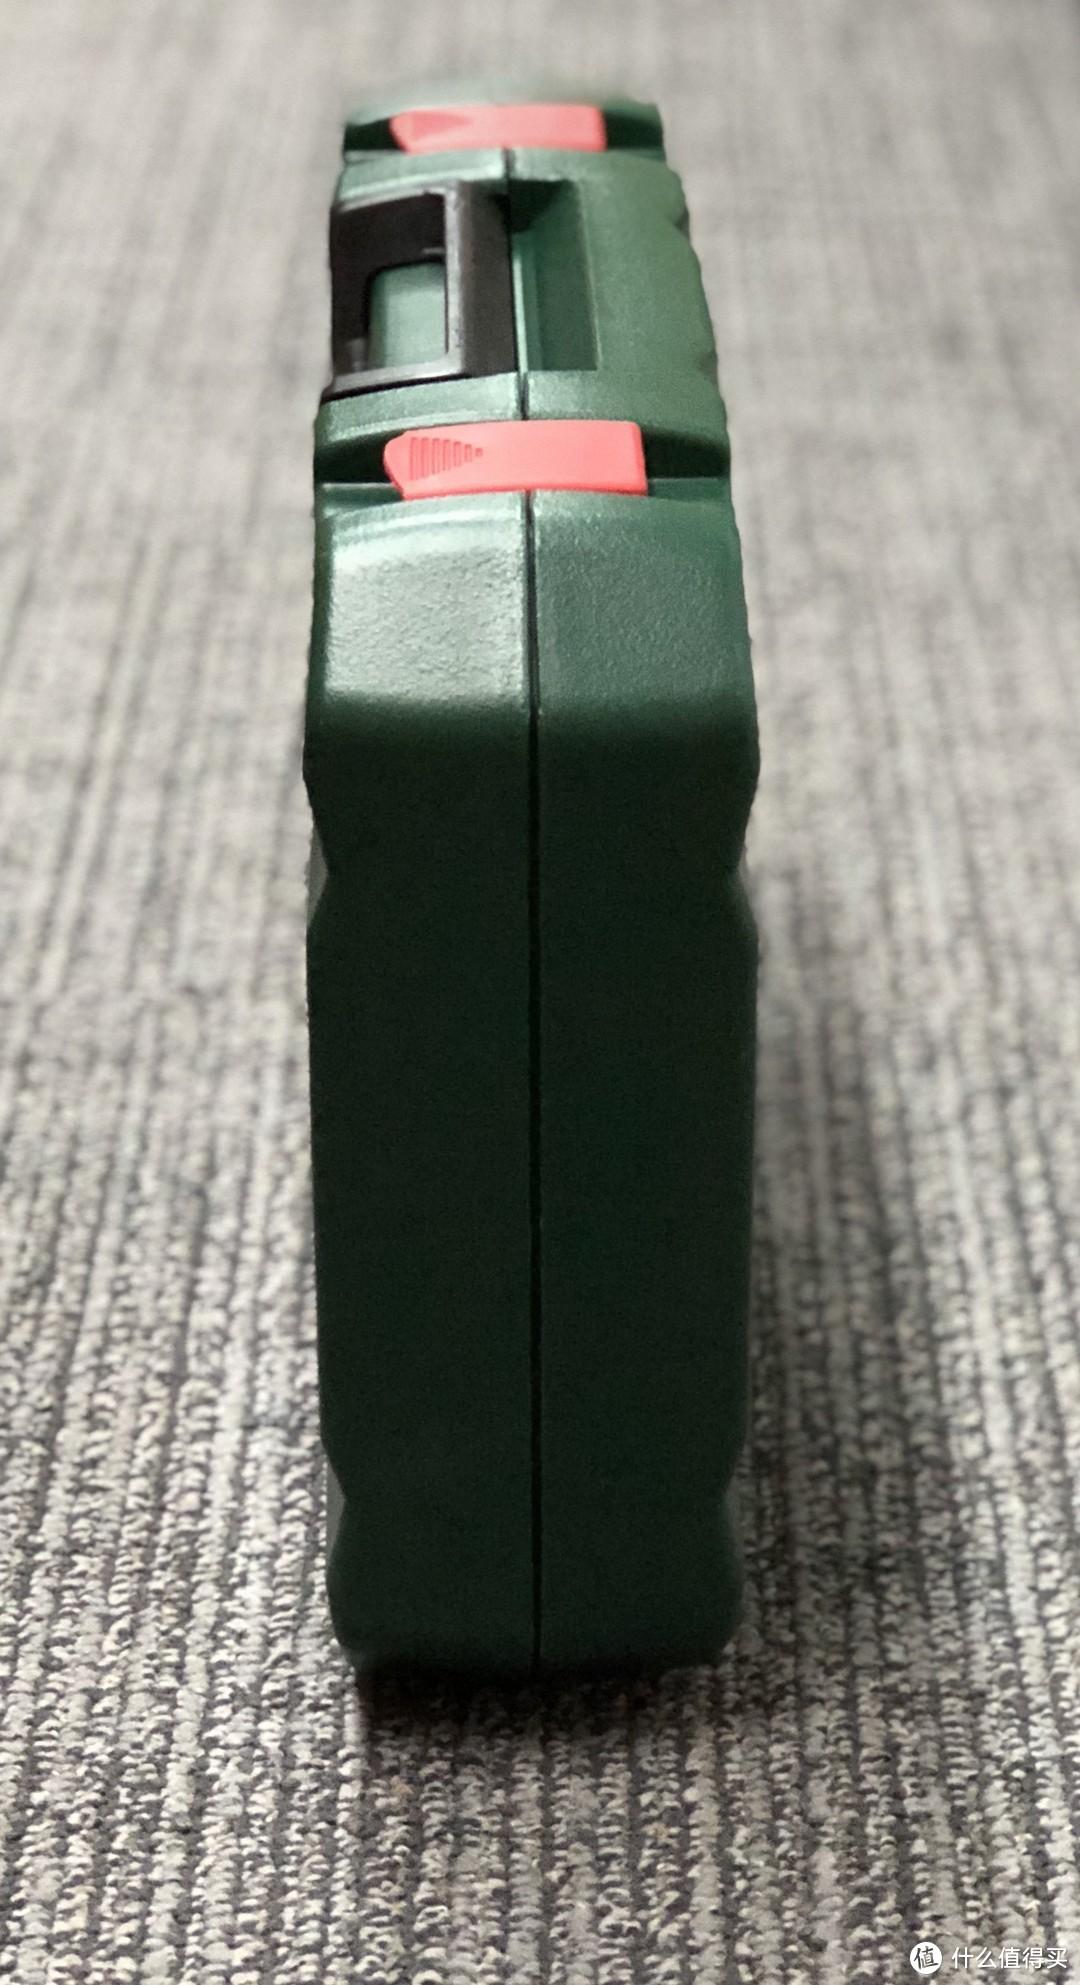 机房里上架的趁手工具:BOSCH 博世 家用多功能 108件套装 五金工具箱 入手体验简评